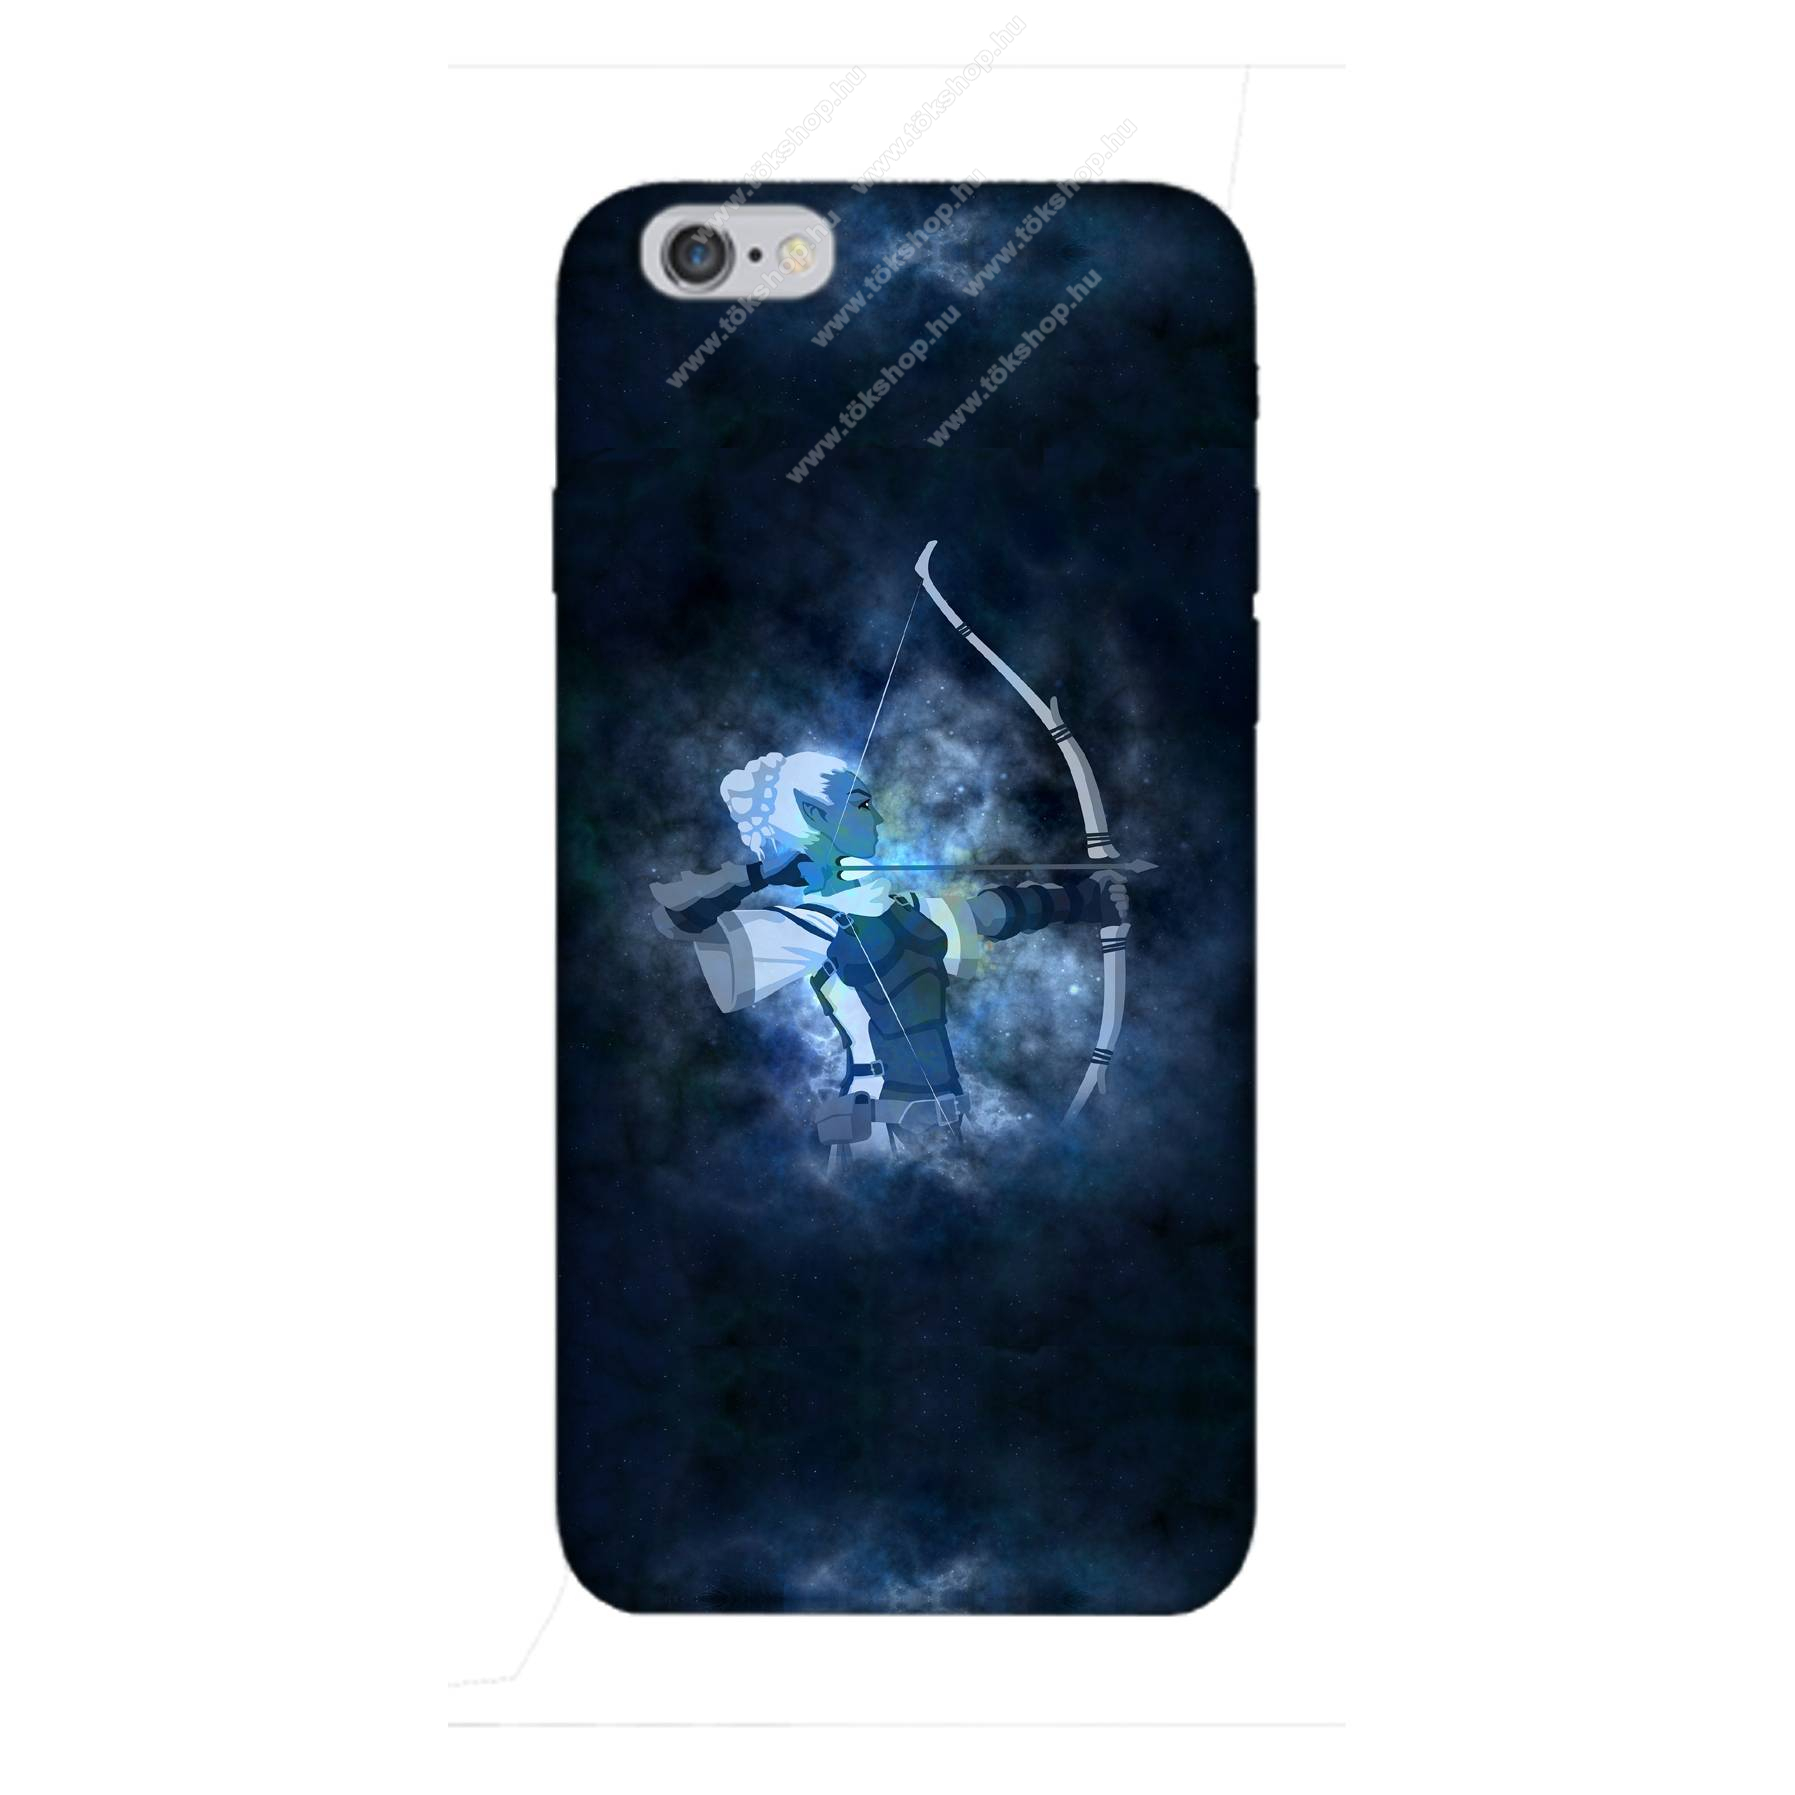 E-pic szilikon védő tok / hátlap - Horoszkóp, Nyilas mintás - APPLE iPhone 6 Plus / APPLE iPhone 6s Plus